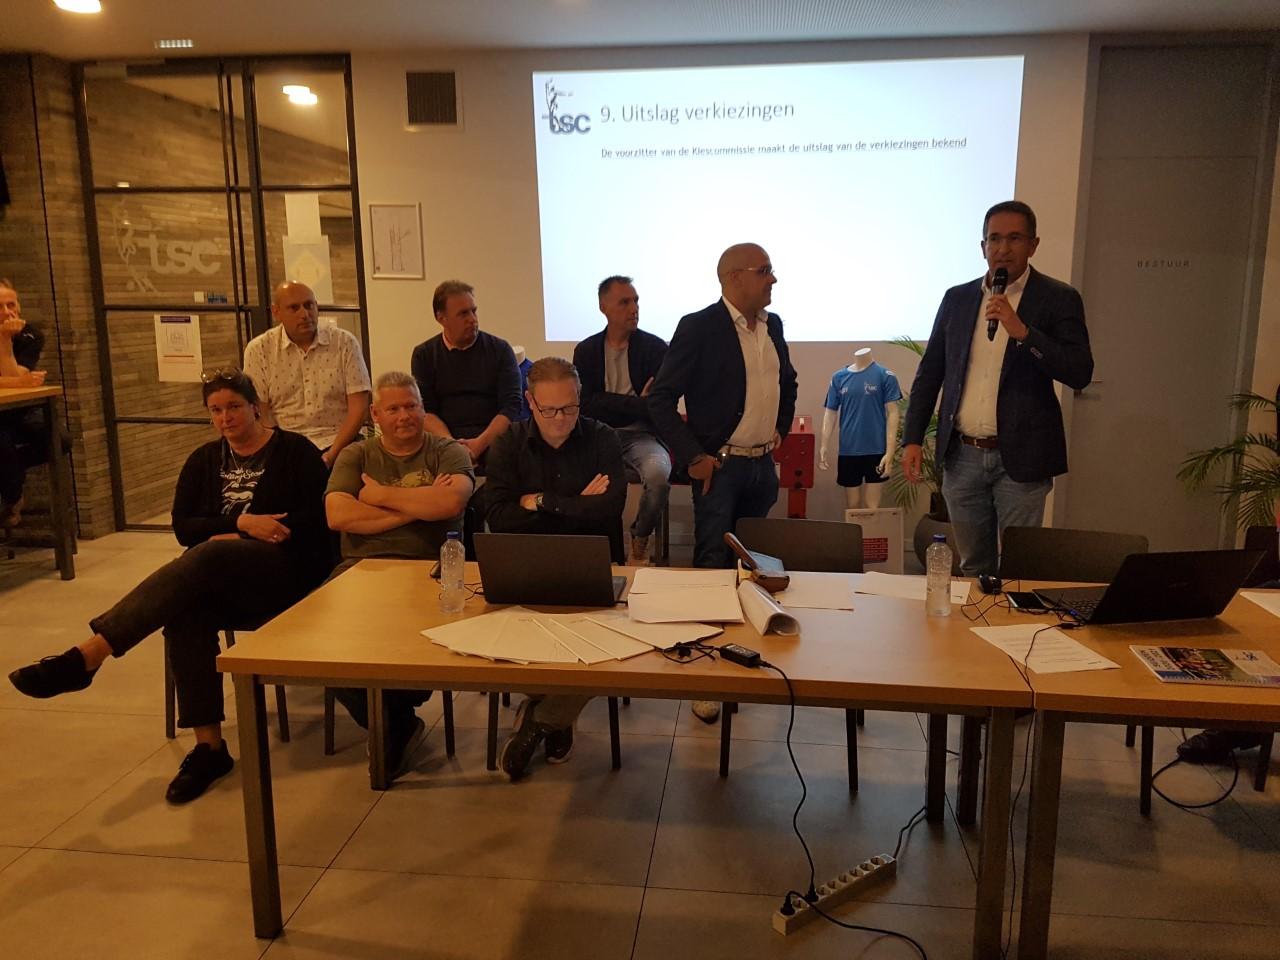 Adrie van Arendonk, nieuwe voorzitter TSC